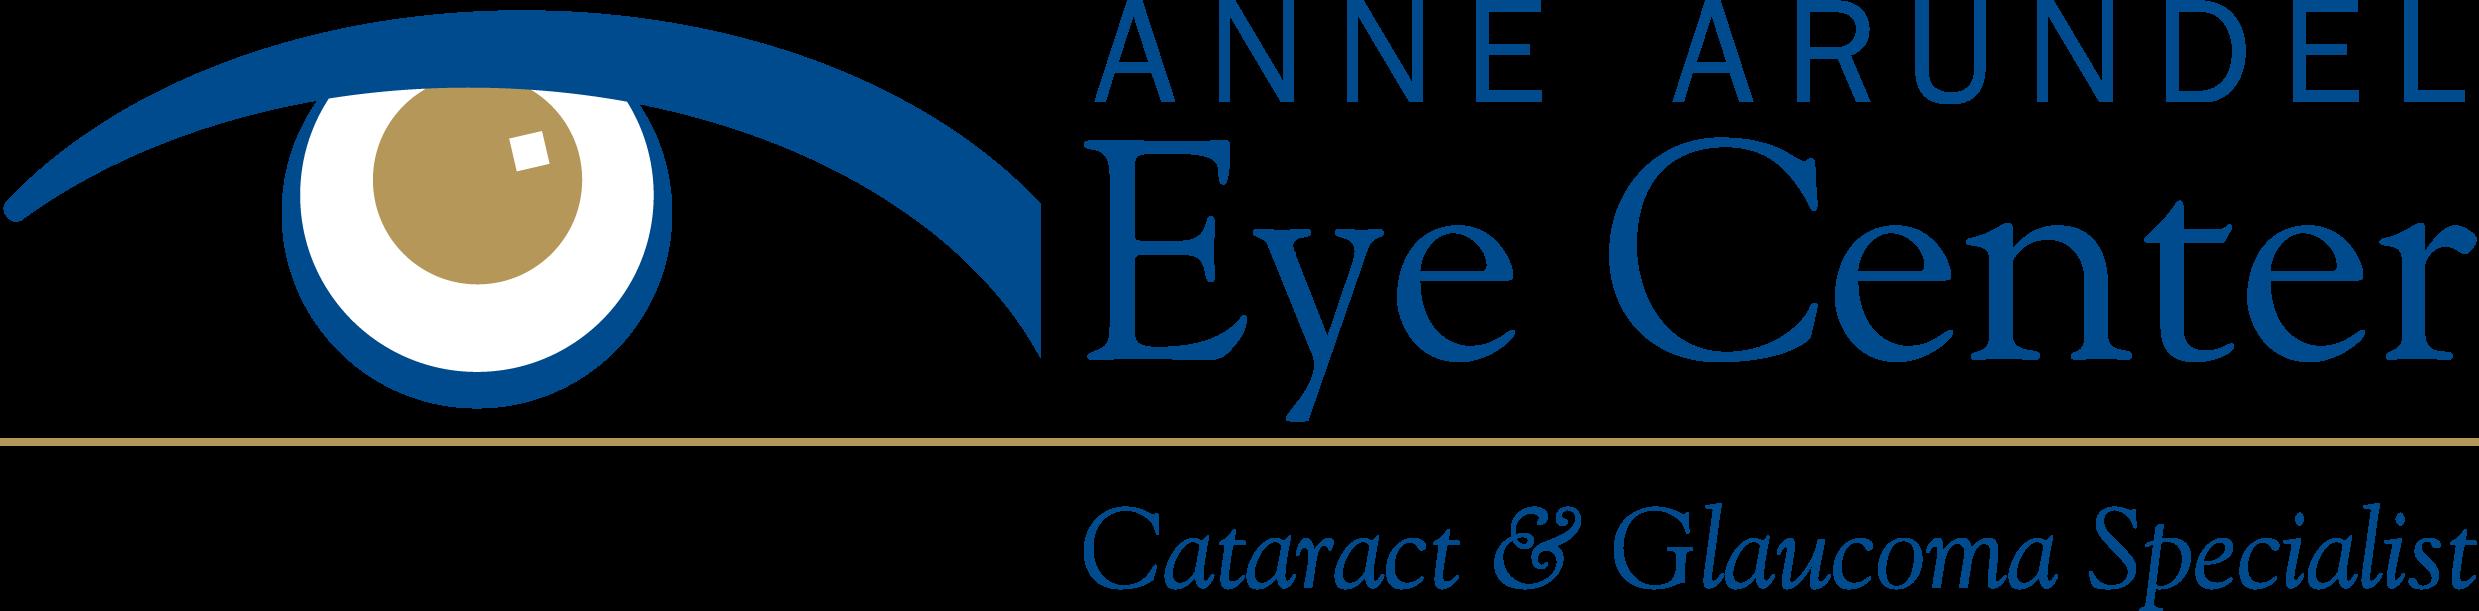 Anne Arundel Eye Center